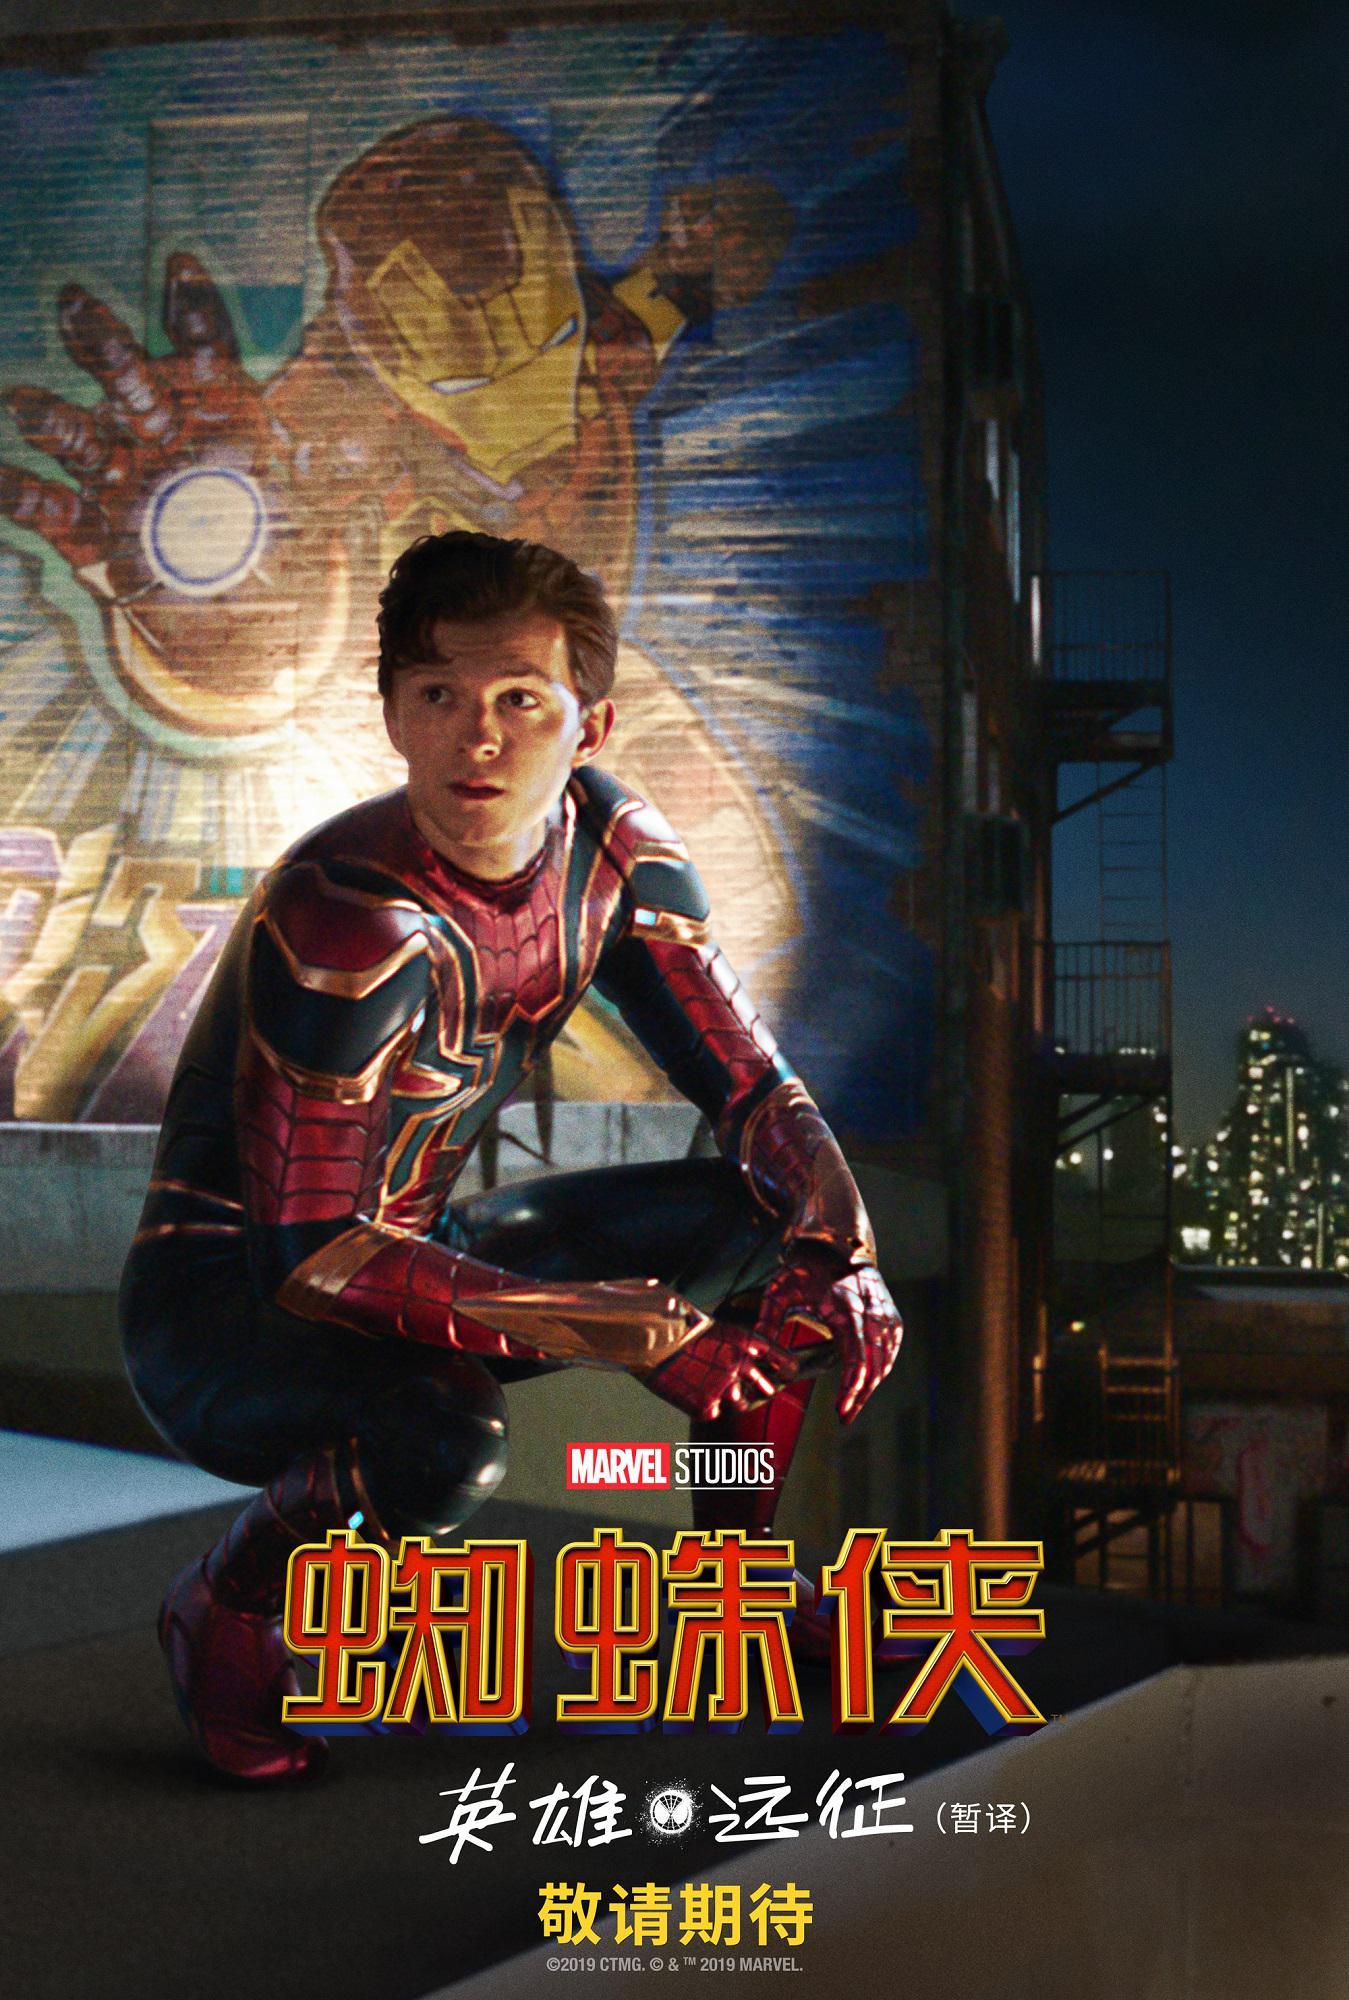 《蜘蛛侠:英雄远征》曝新海报 钢铁侠引领蜘蛛侠